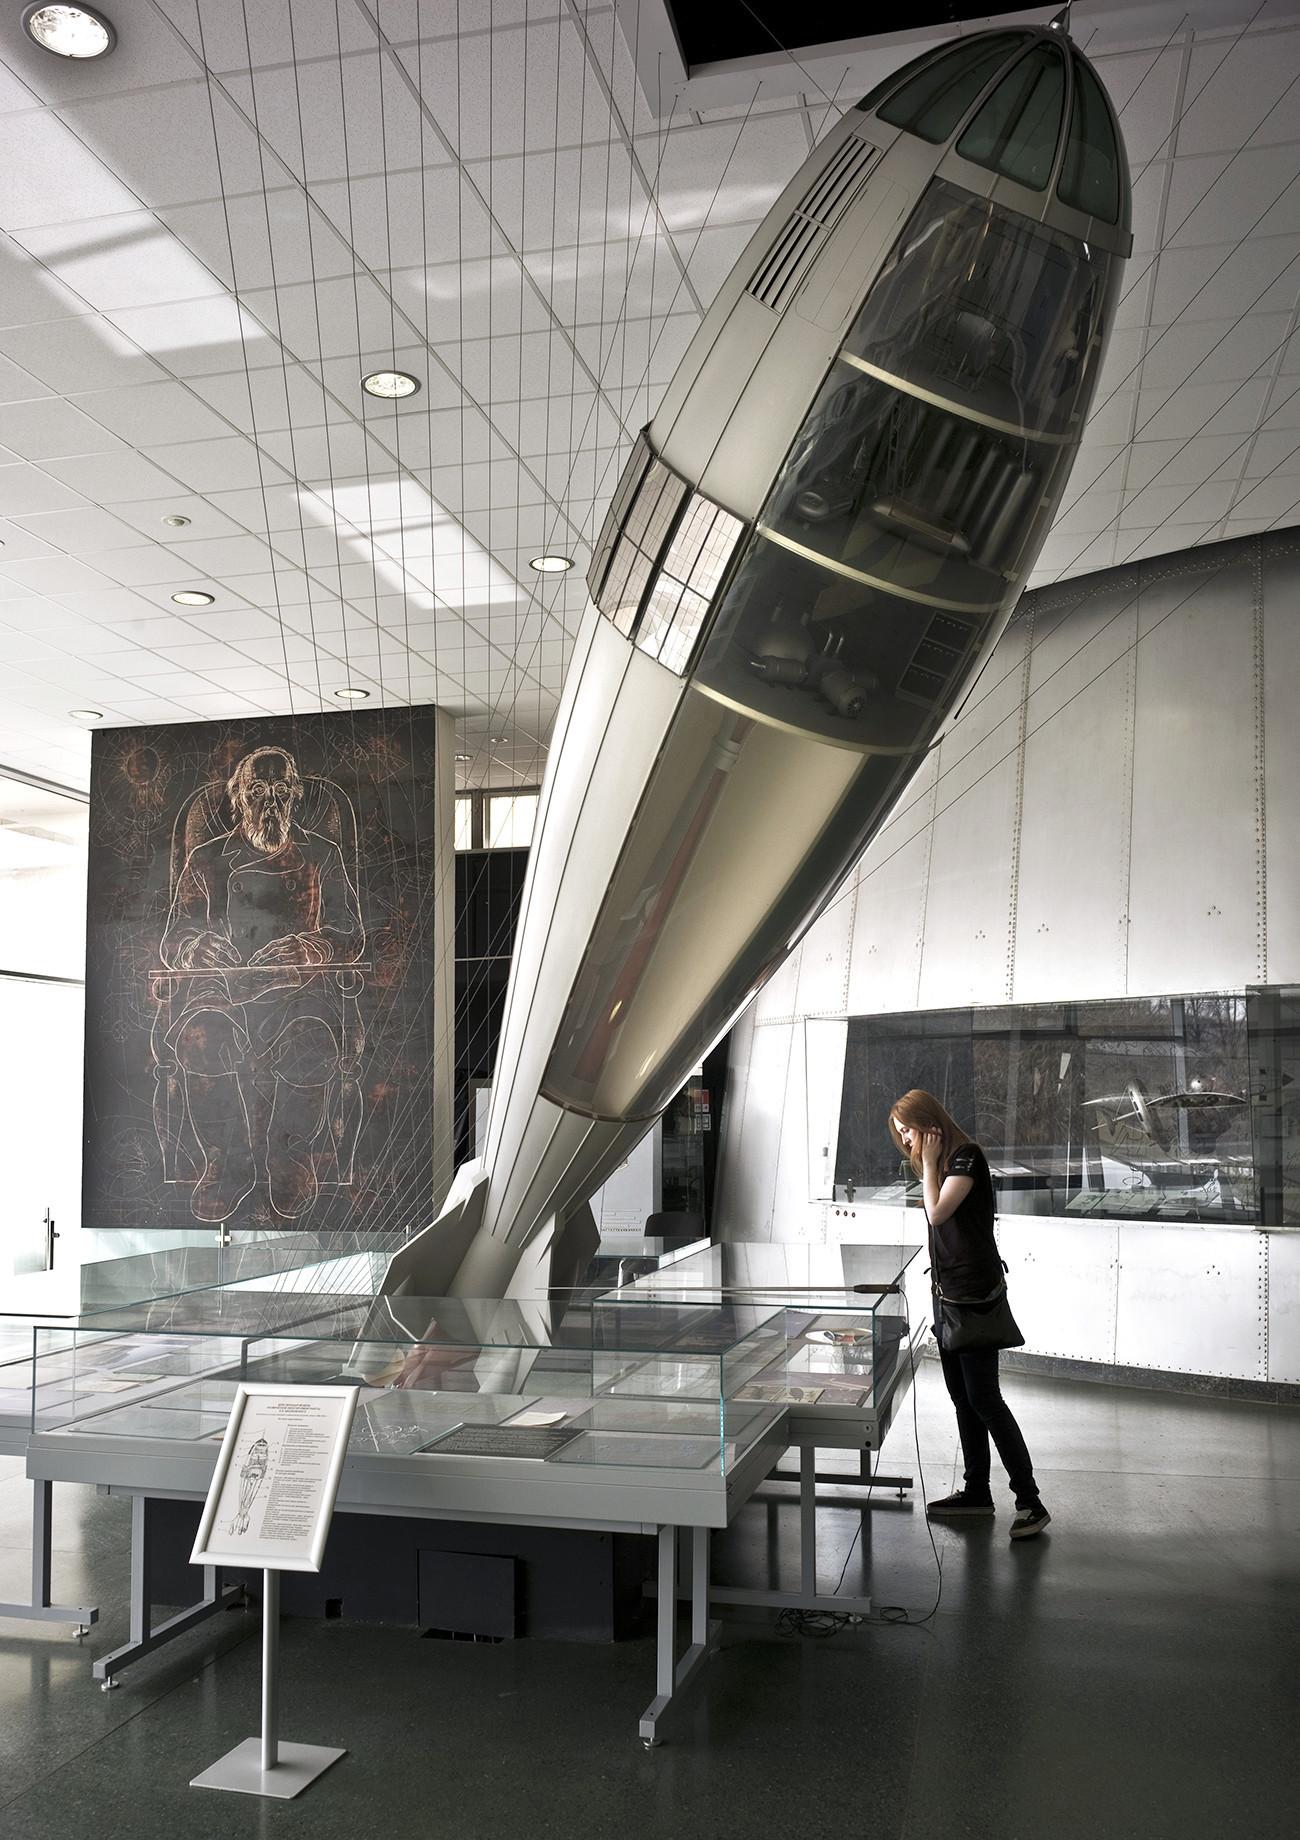 Delujoč model vesoljske rakete s človeško posadko Konstantina Ciolkovskega v Državnem muzeju za zgodovino kozmonavtike Ciolkovskega v Kalugi